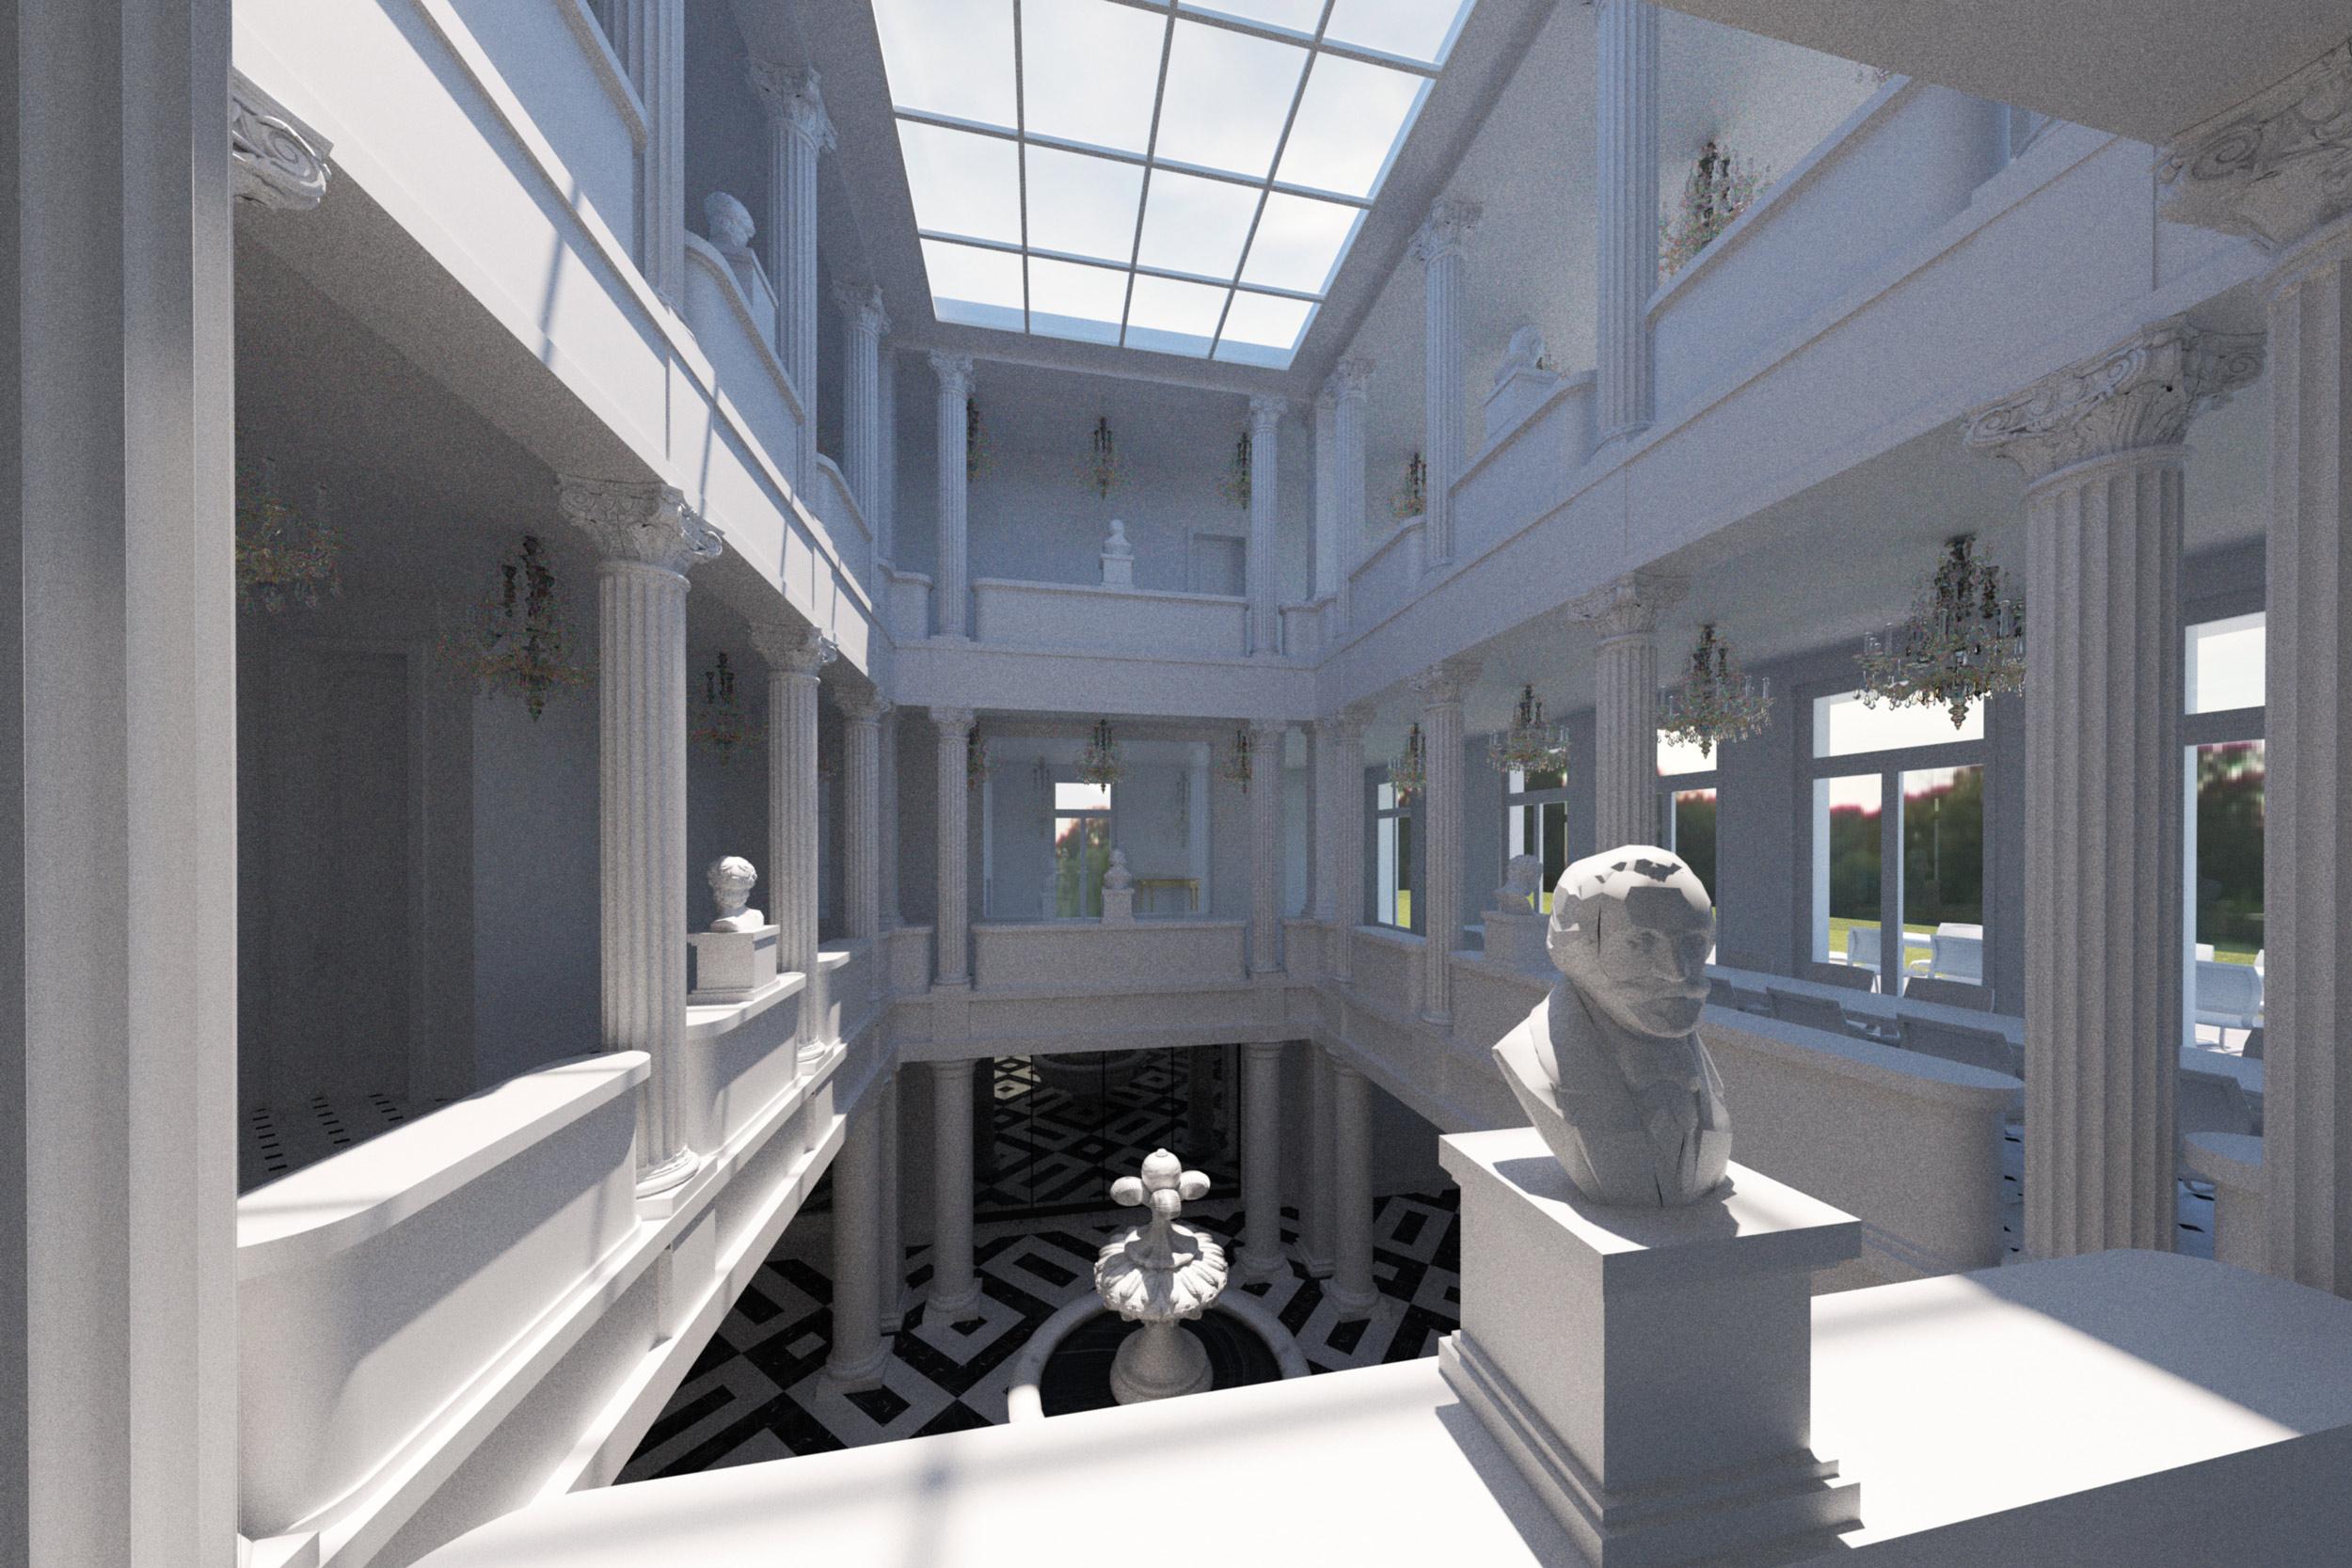 Loggien aus Säulen ummanteln über drei Geschosse den glasüberdeckten Innenhof.